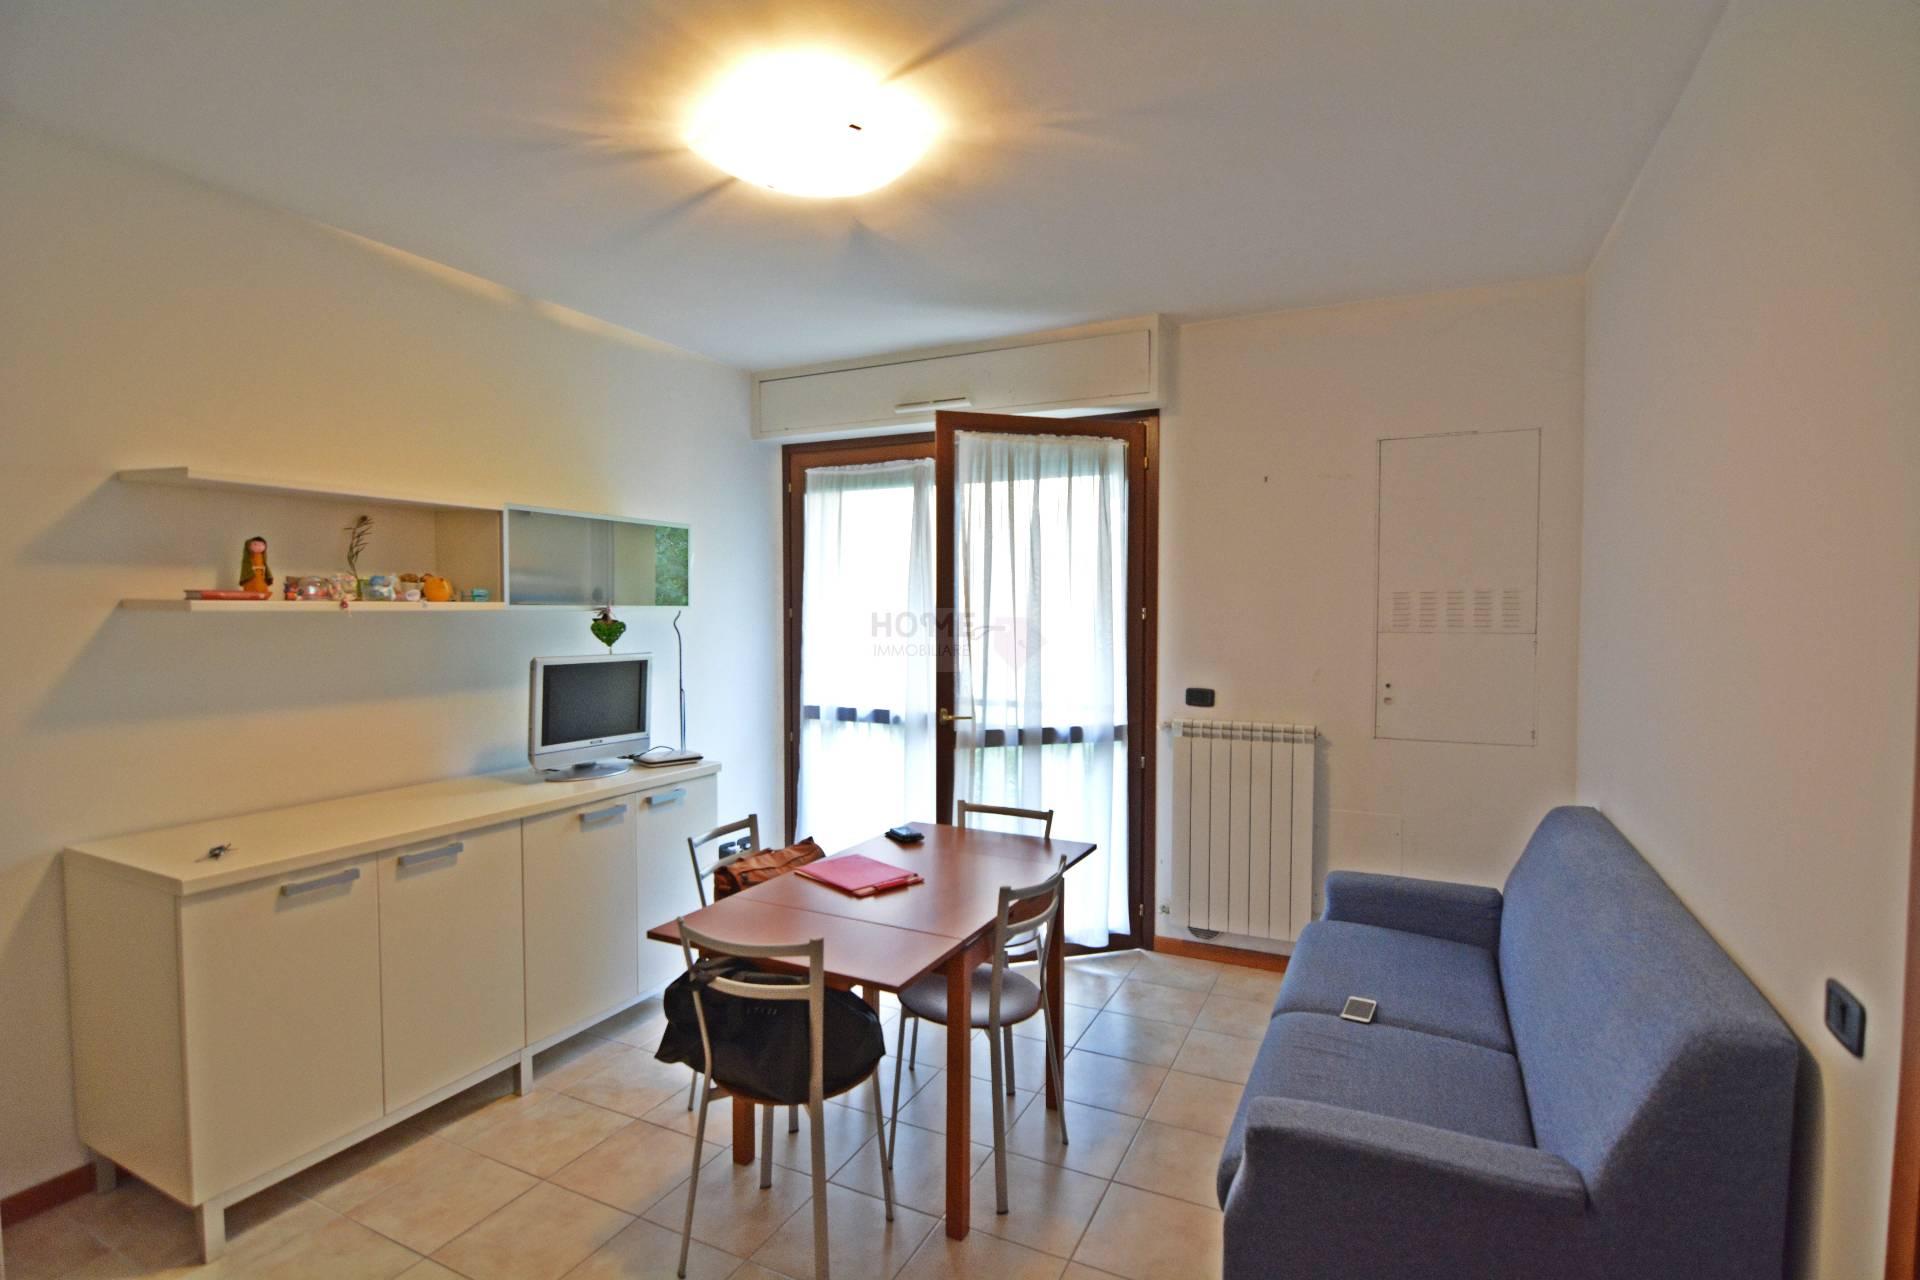 Appartamento in affitto a Macerata, 3 locali, zona Zona: Semicentrale, prezzo € 450 | Cambio Casa.it